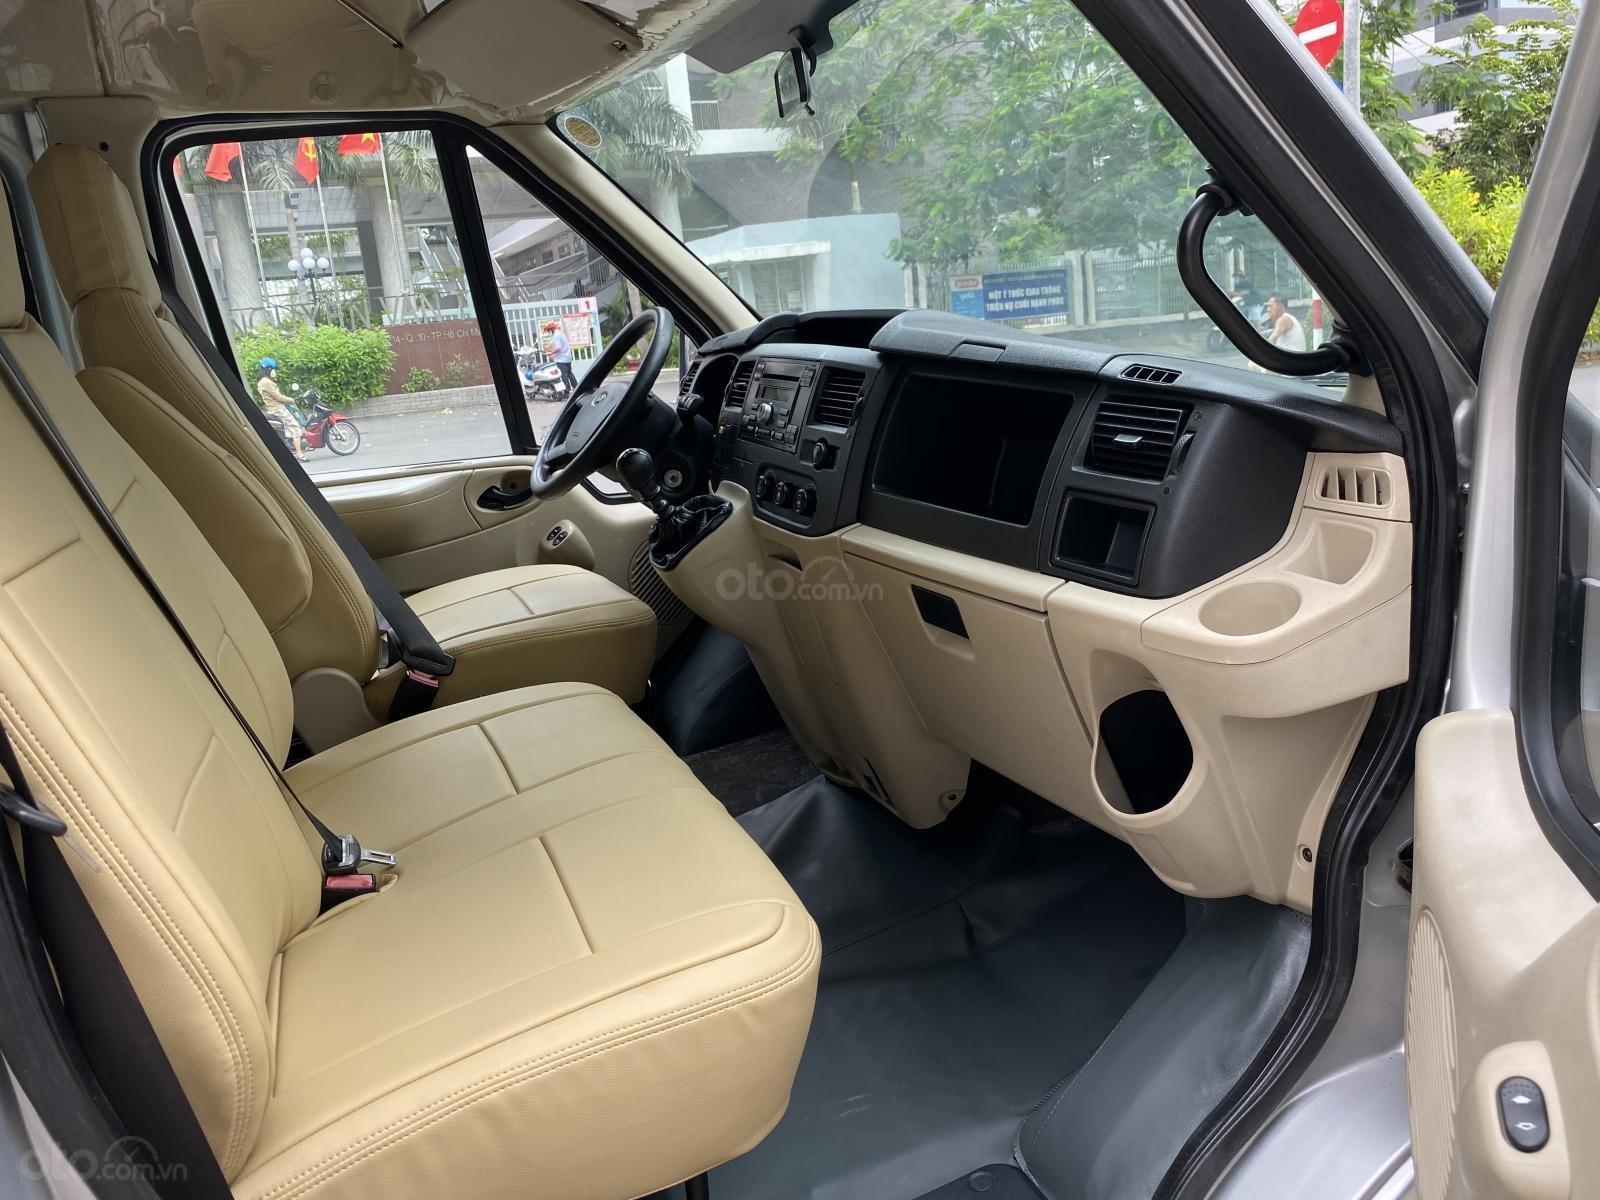 Cần bán Ford Transit van 6 chỗ ngồi 850kg sx 2015, gầm bệ chắc, xe đẹp được sử dụng lưu hành trong giờ cấm (9)